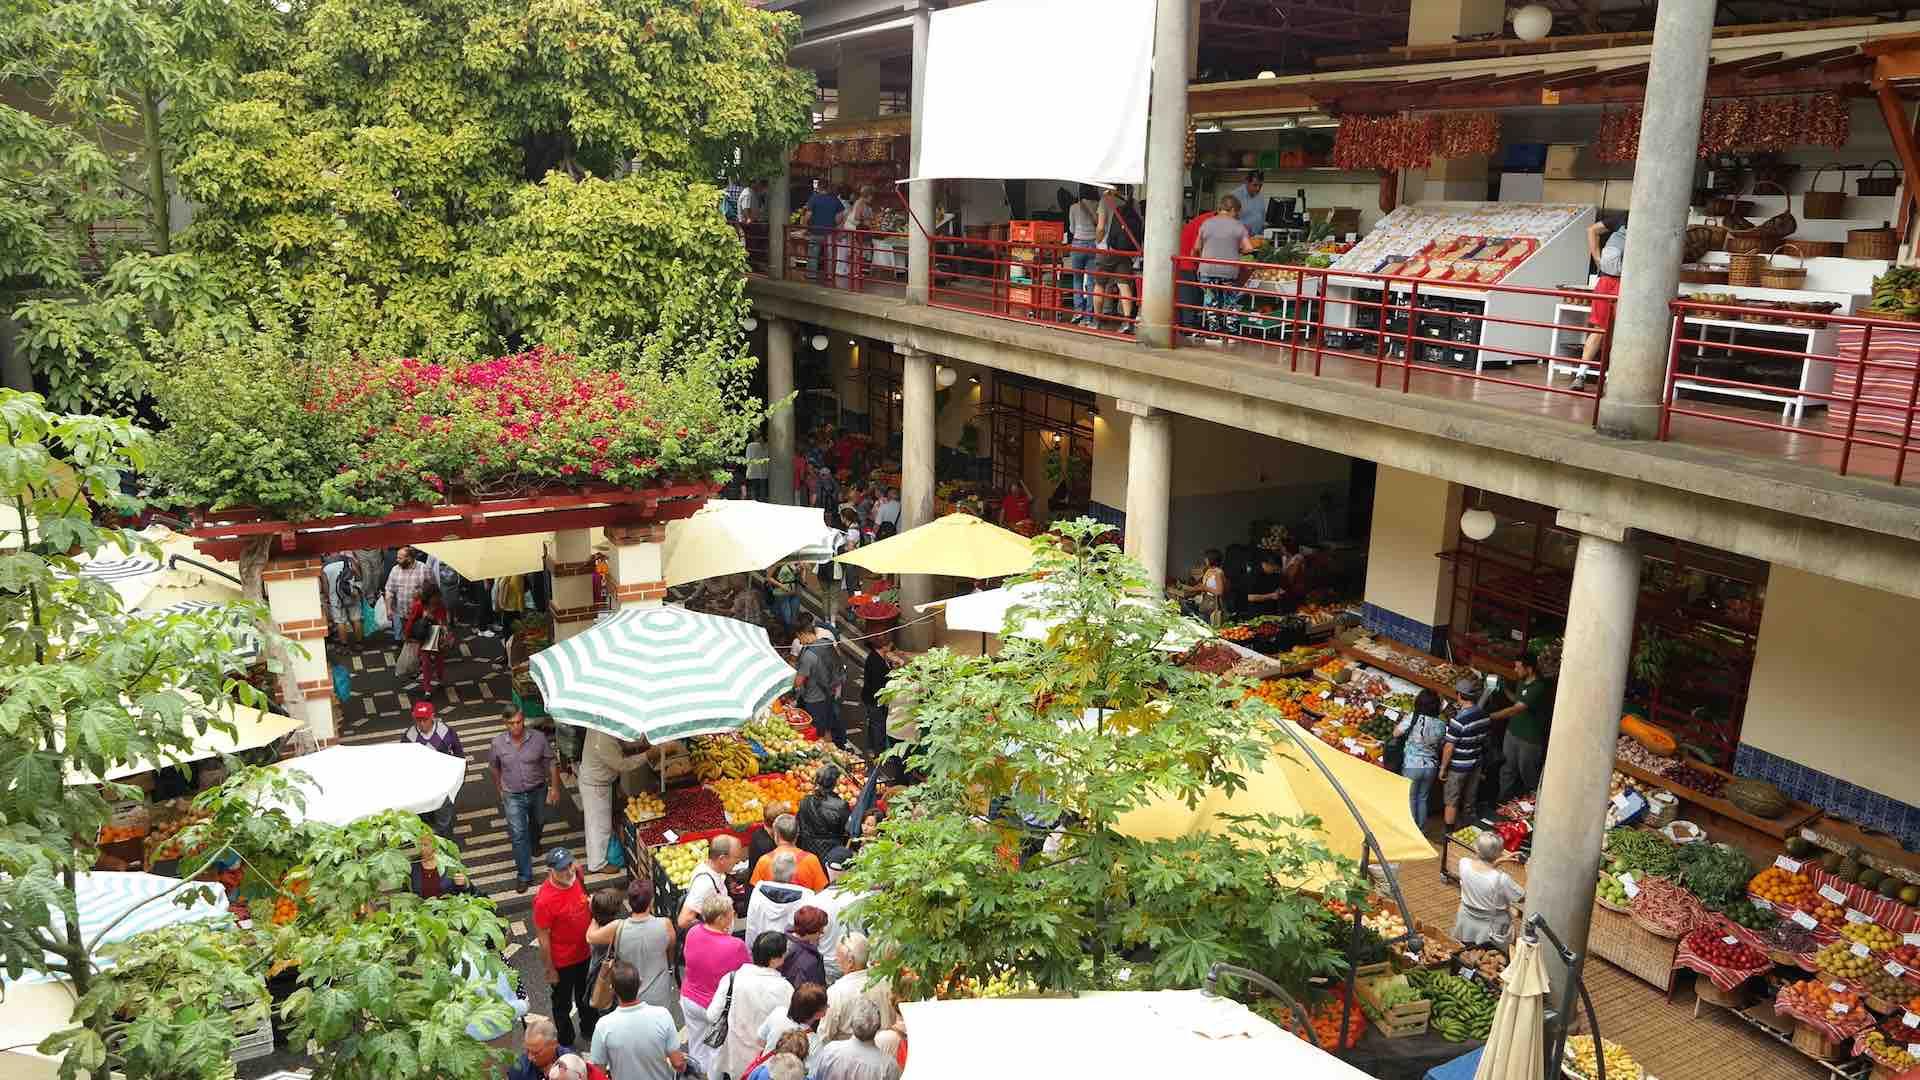 El Mercado dos Lavradores, el más célebre de Funchal